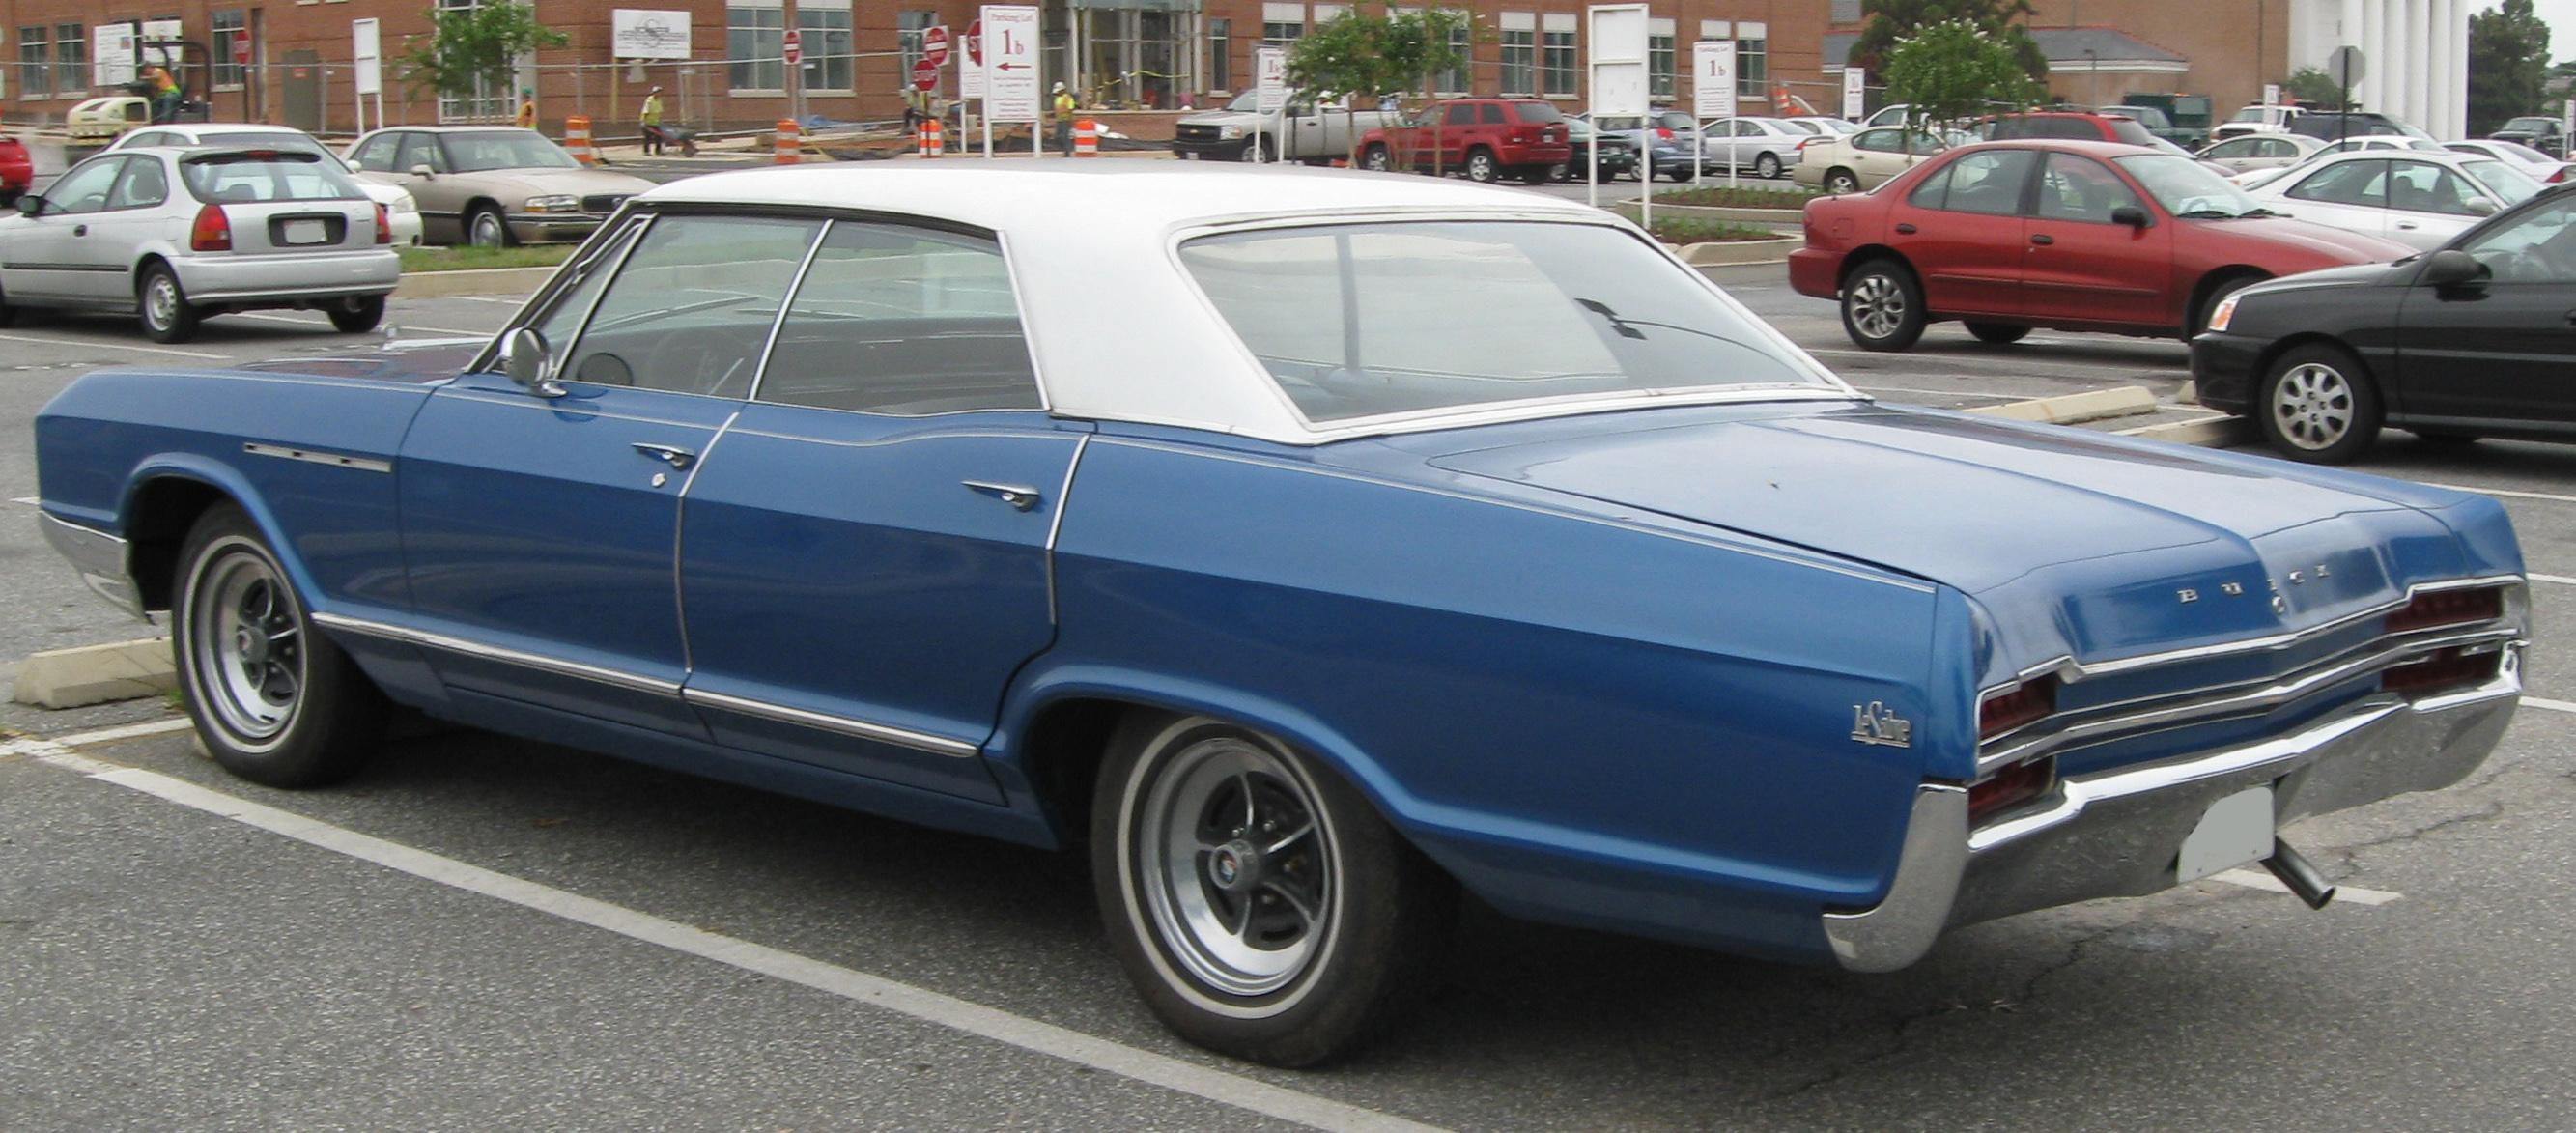 File 3rd buick lesabre sedan rear 08 29 2009 jpg wikimedia commons